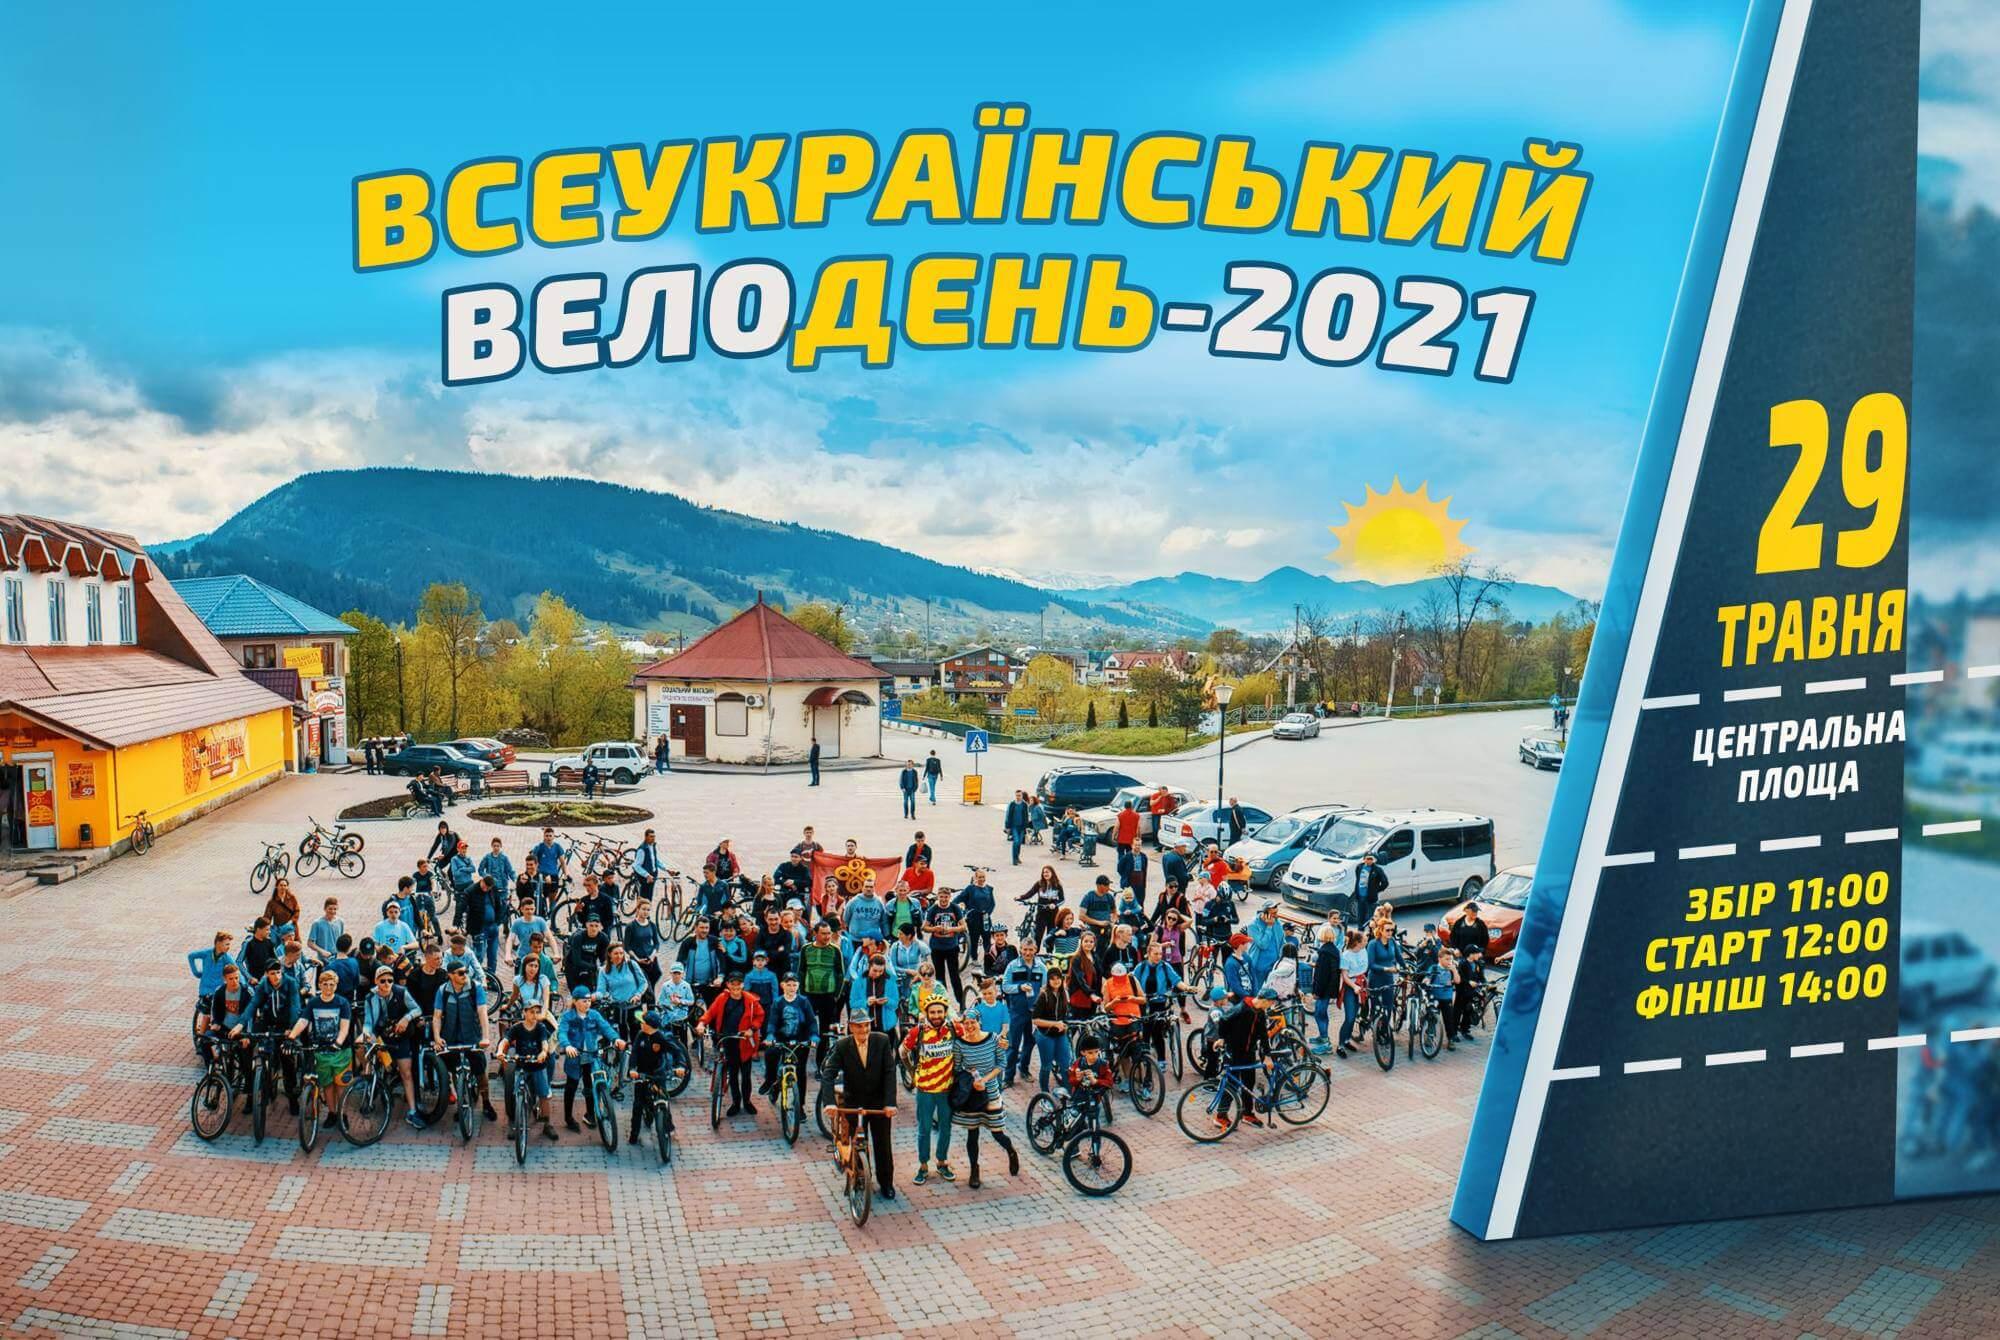 Прикарпатців кличуть на Всеукраїнський велодень у Верховині